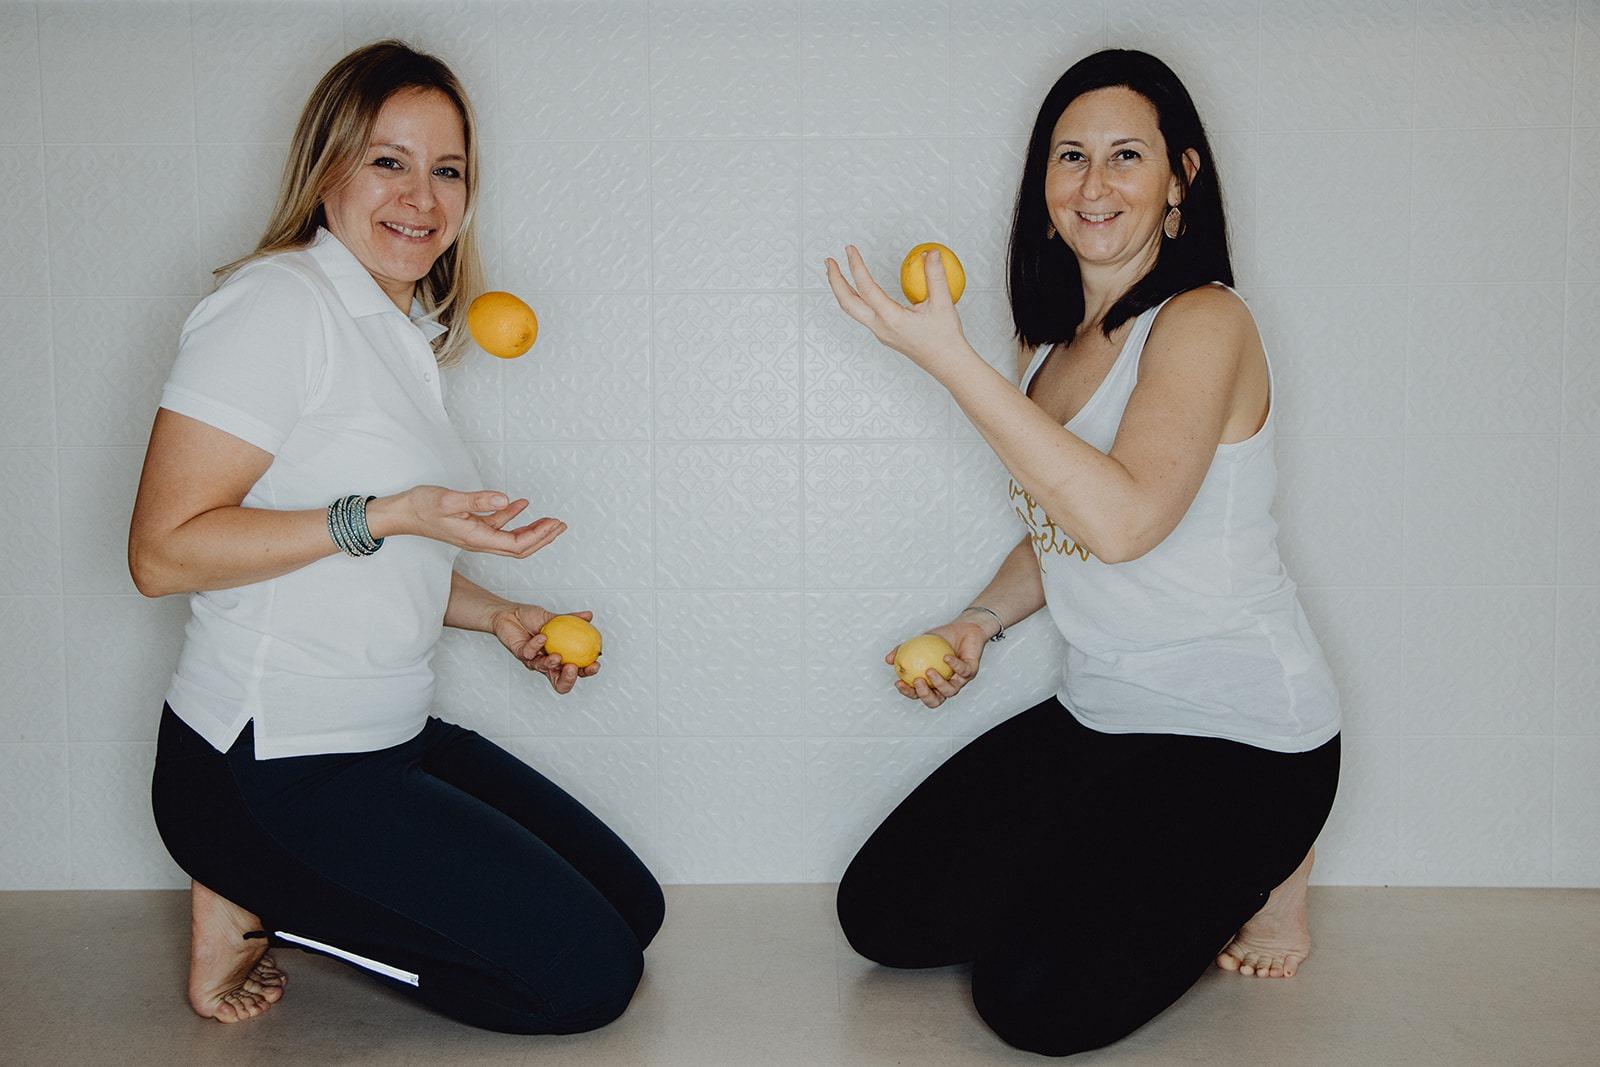 Fastentrainerin und Yogatrainerin mit Orangen